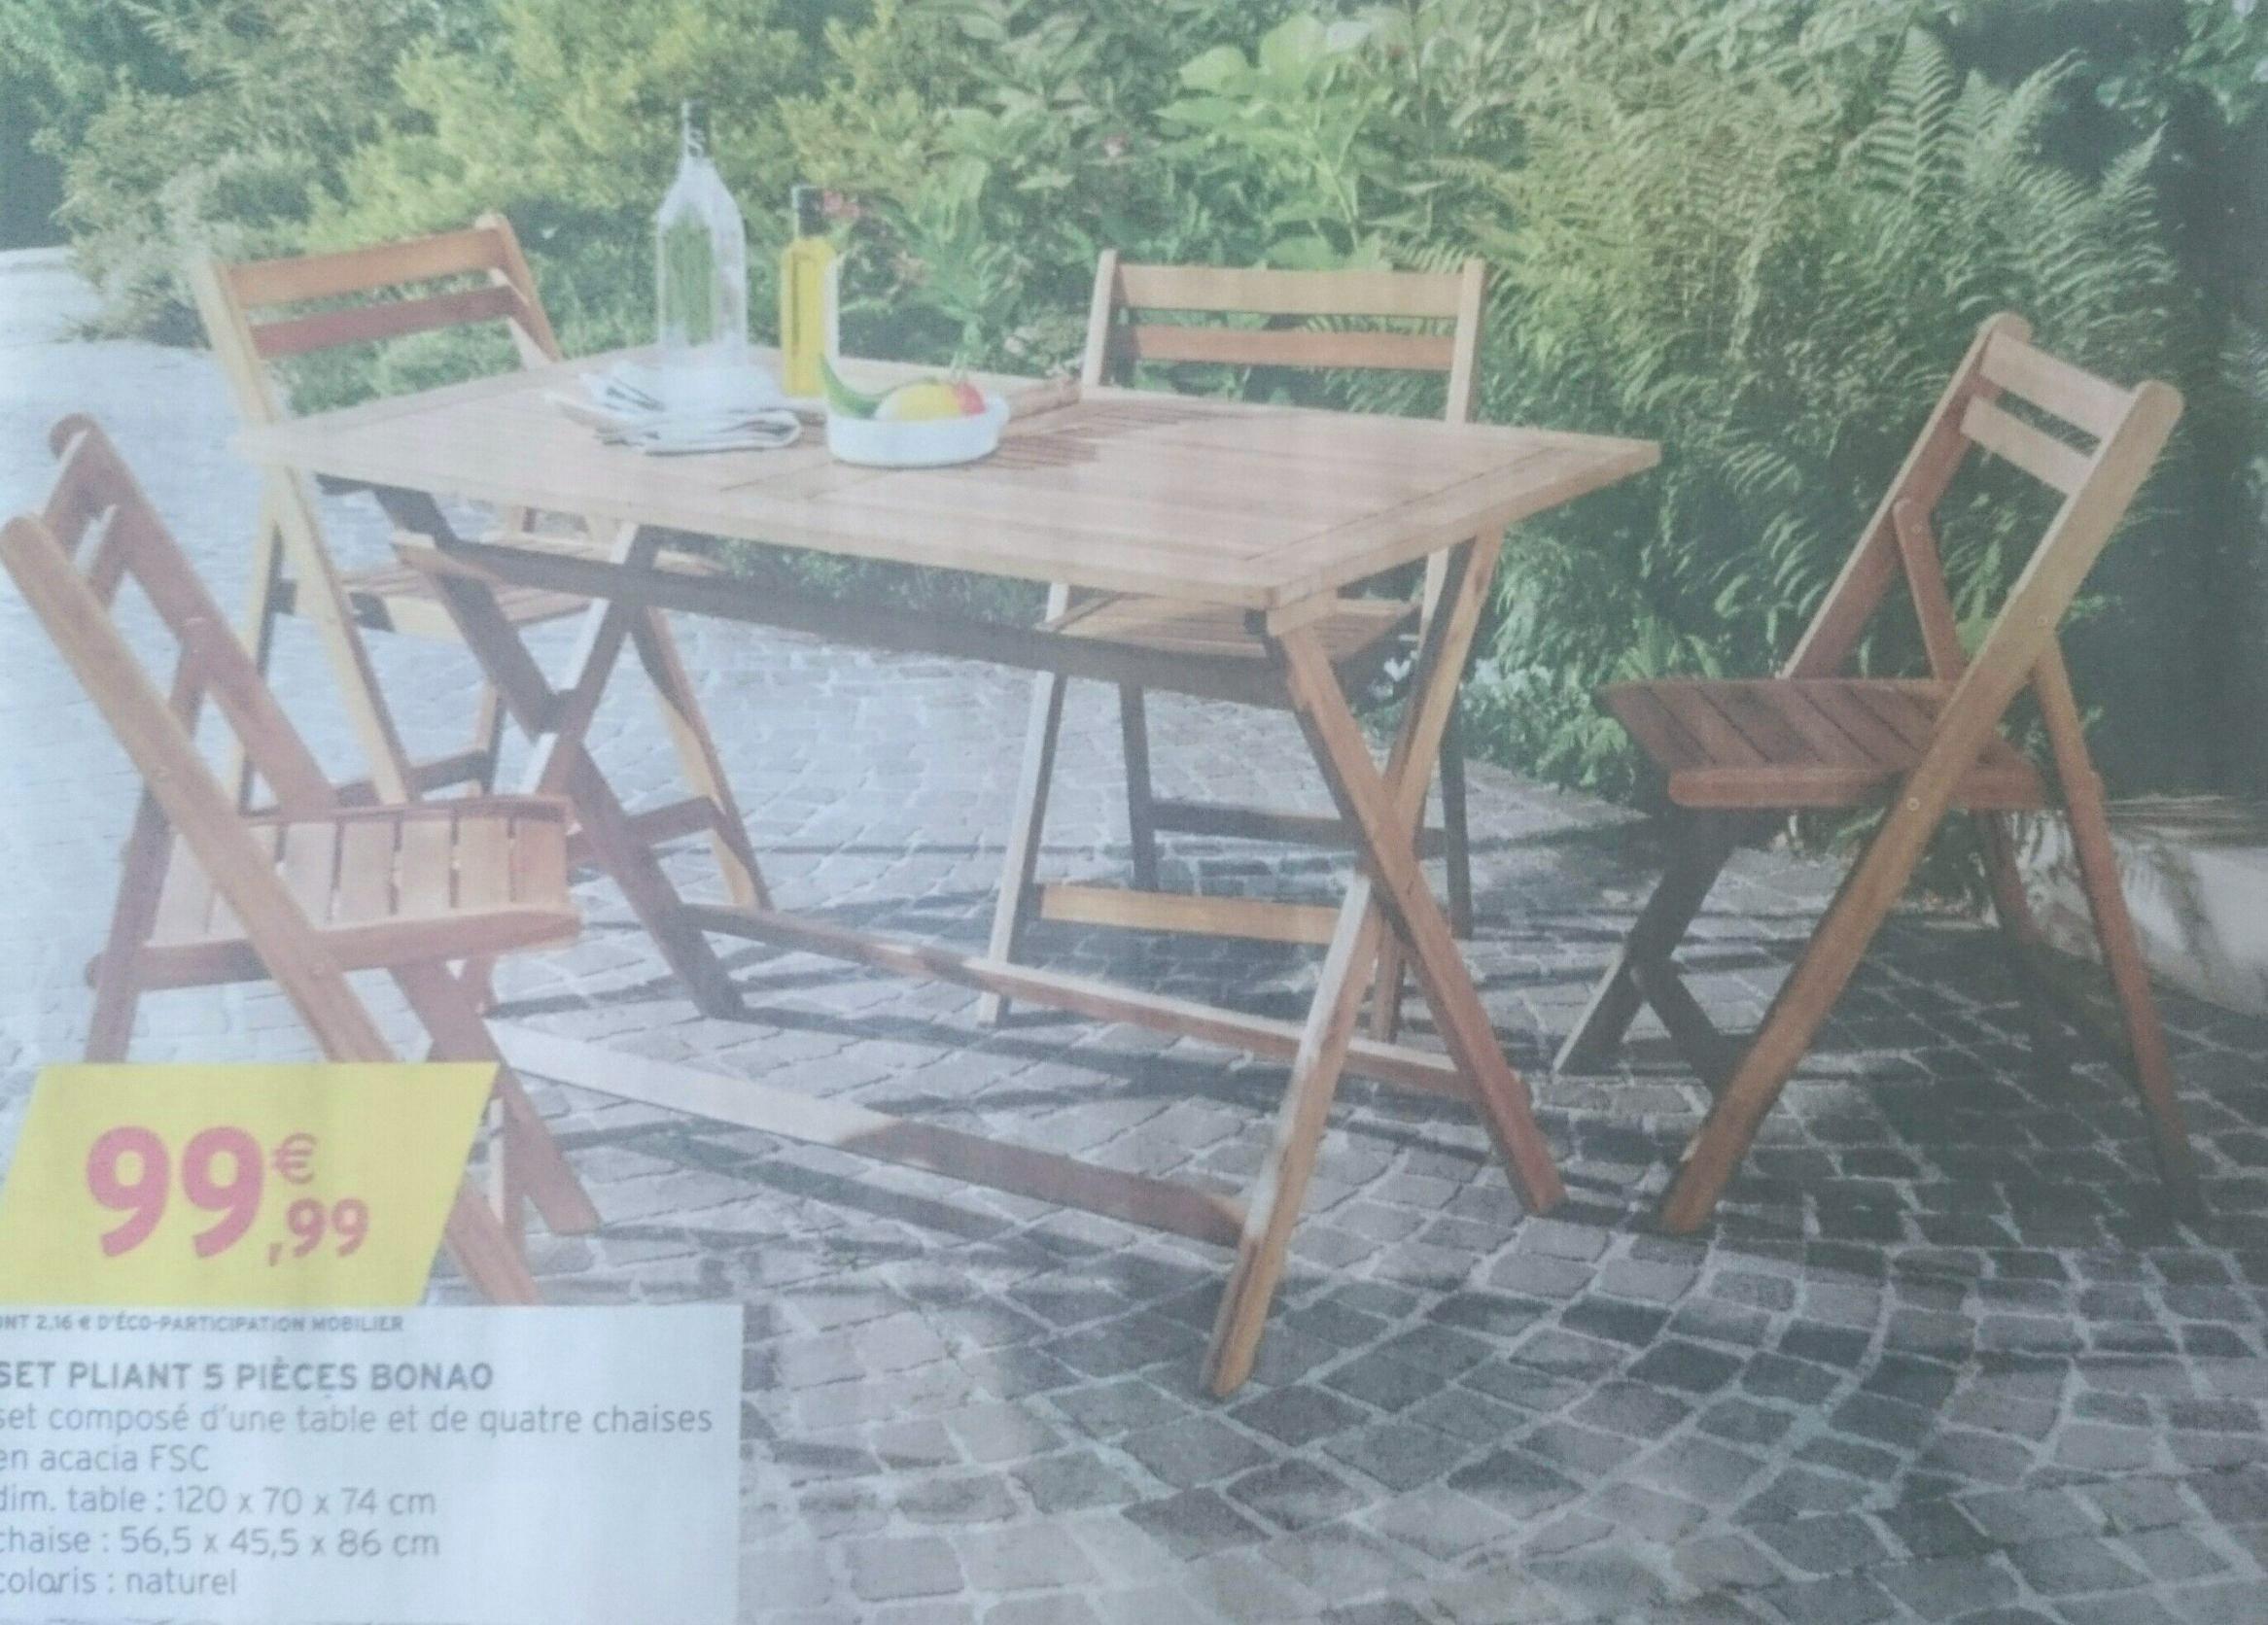 Plan Banc Palette Élégant Images Plan Salon De Jardin En Bois Salon De Jardin Palette Bois Beau